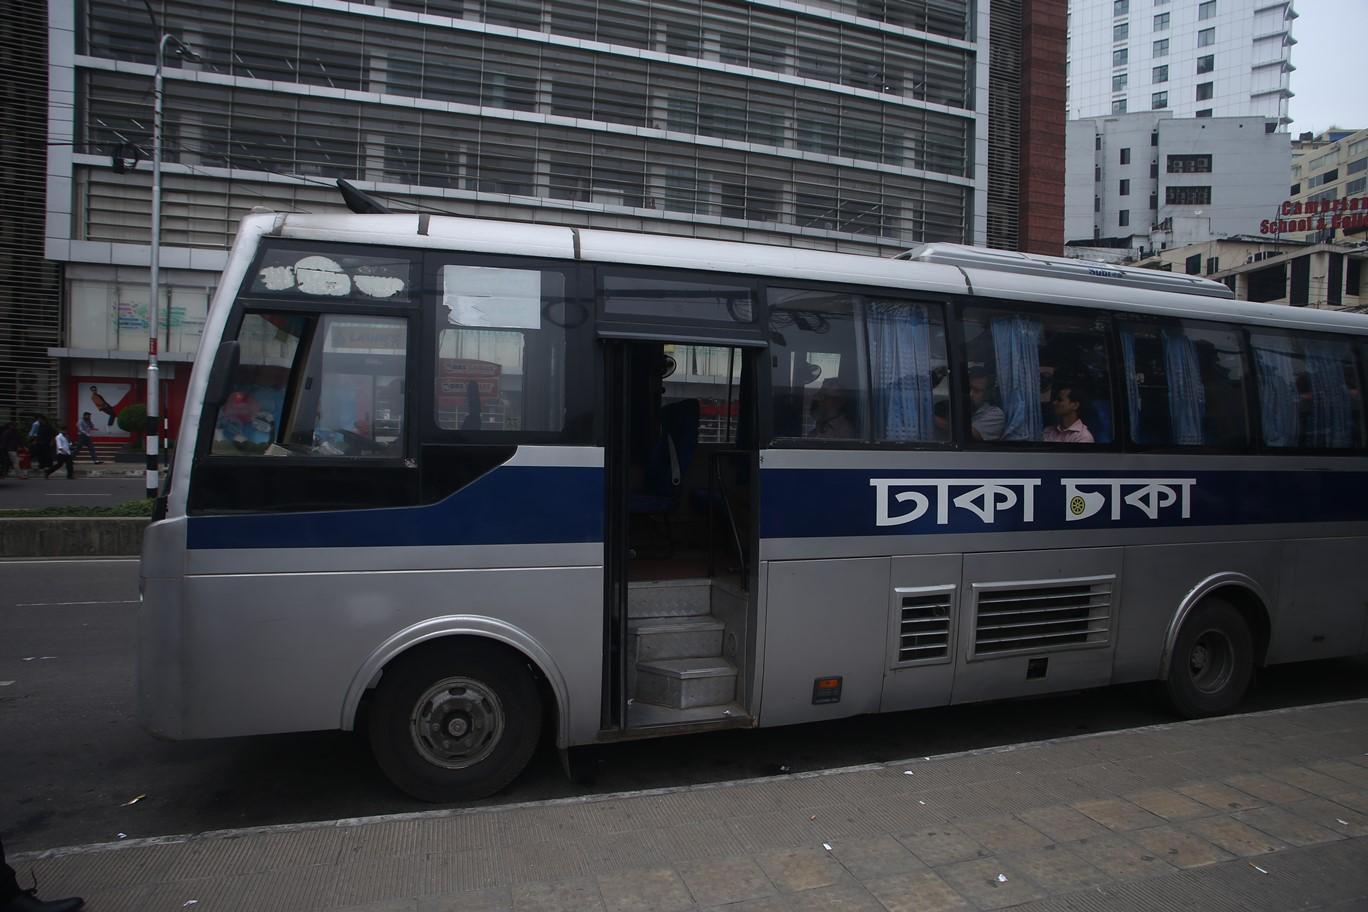 Gulshan 2 Transportation